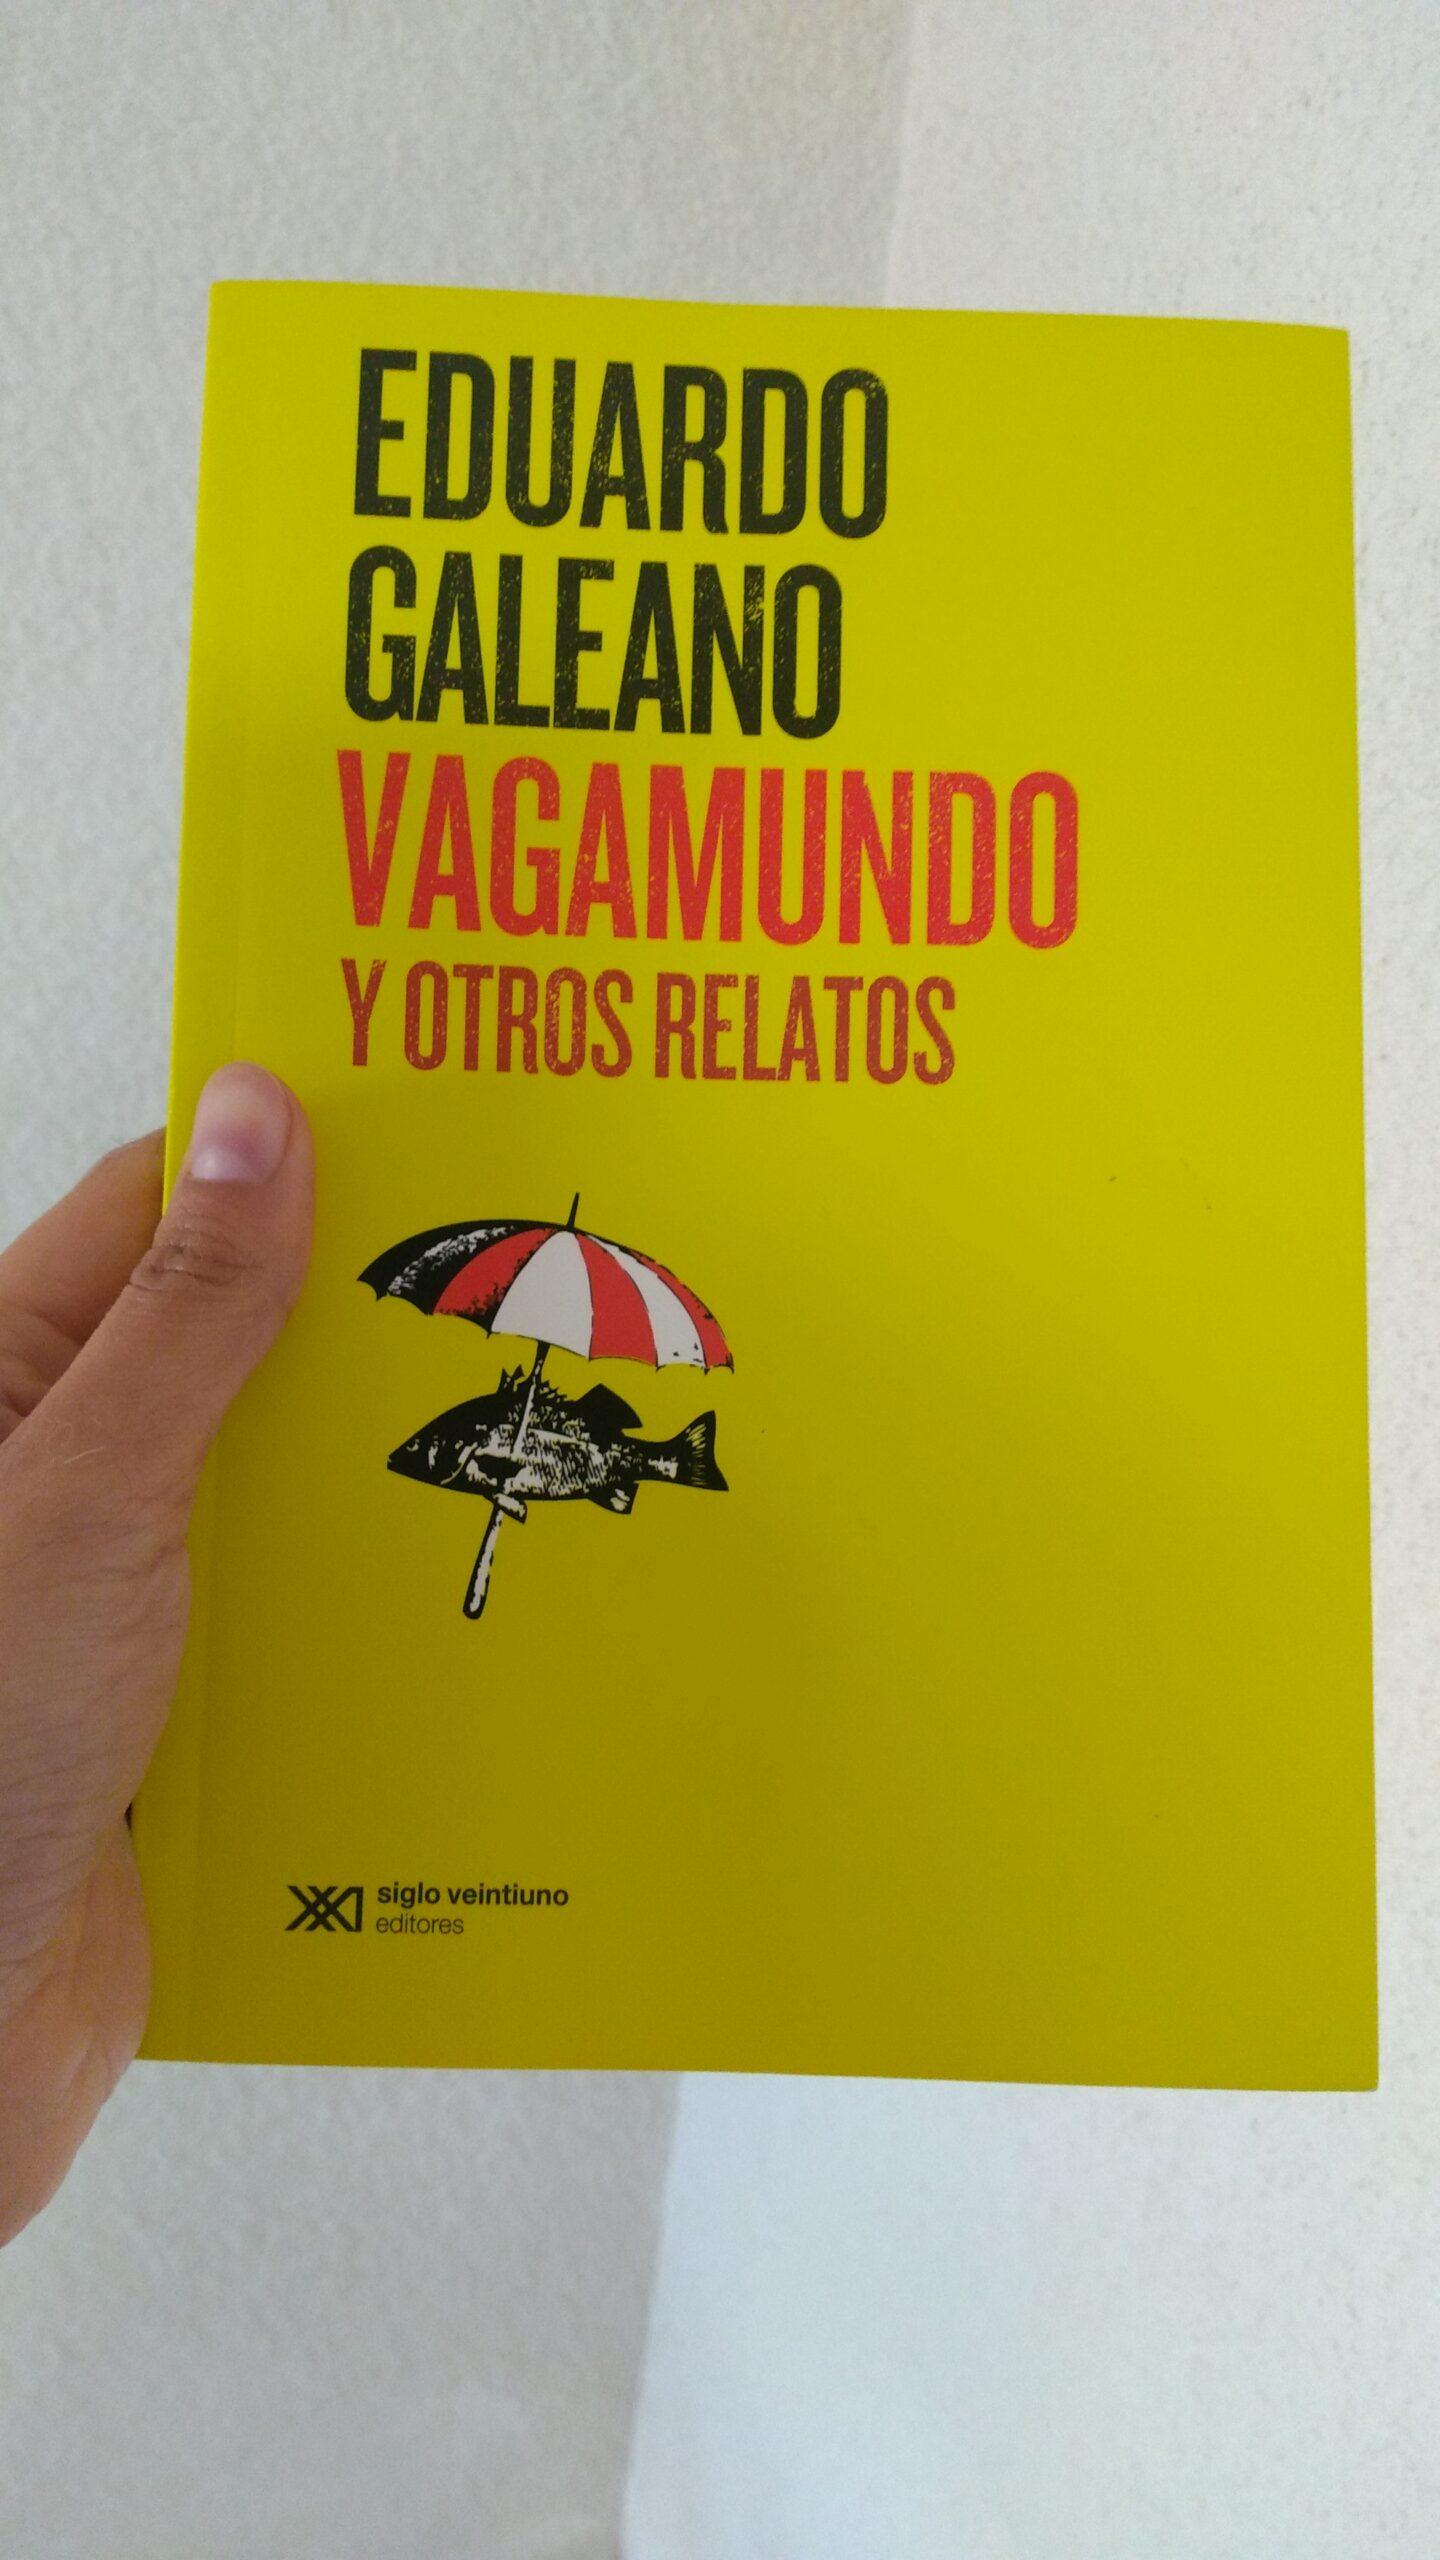 Libro Vagamundo y otros relatos